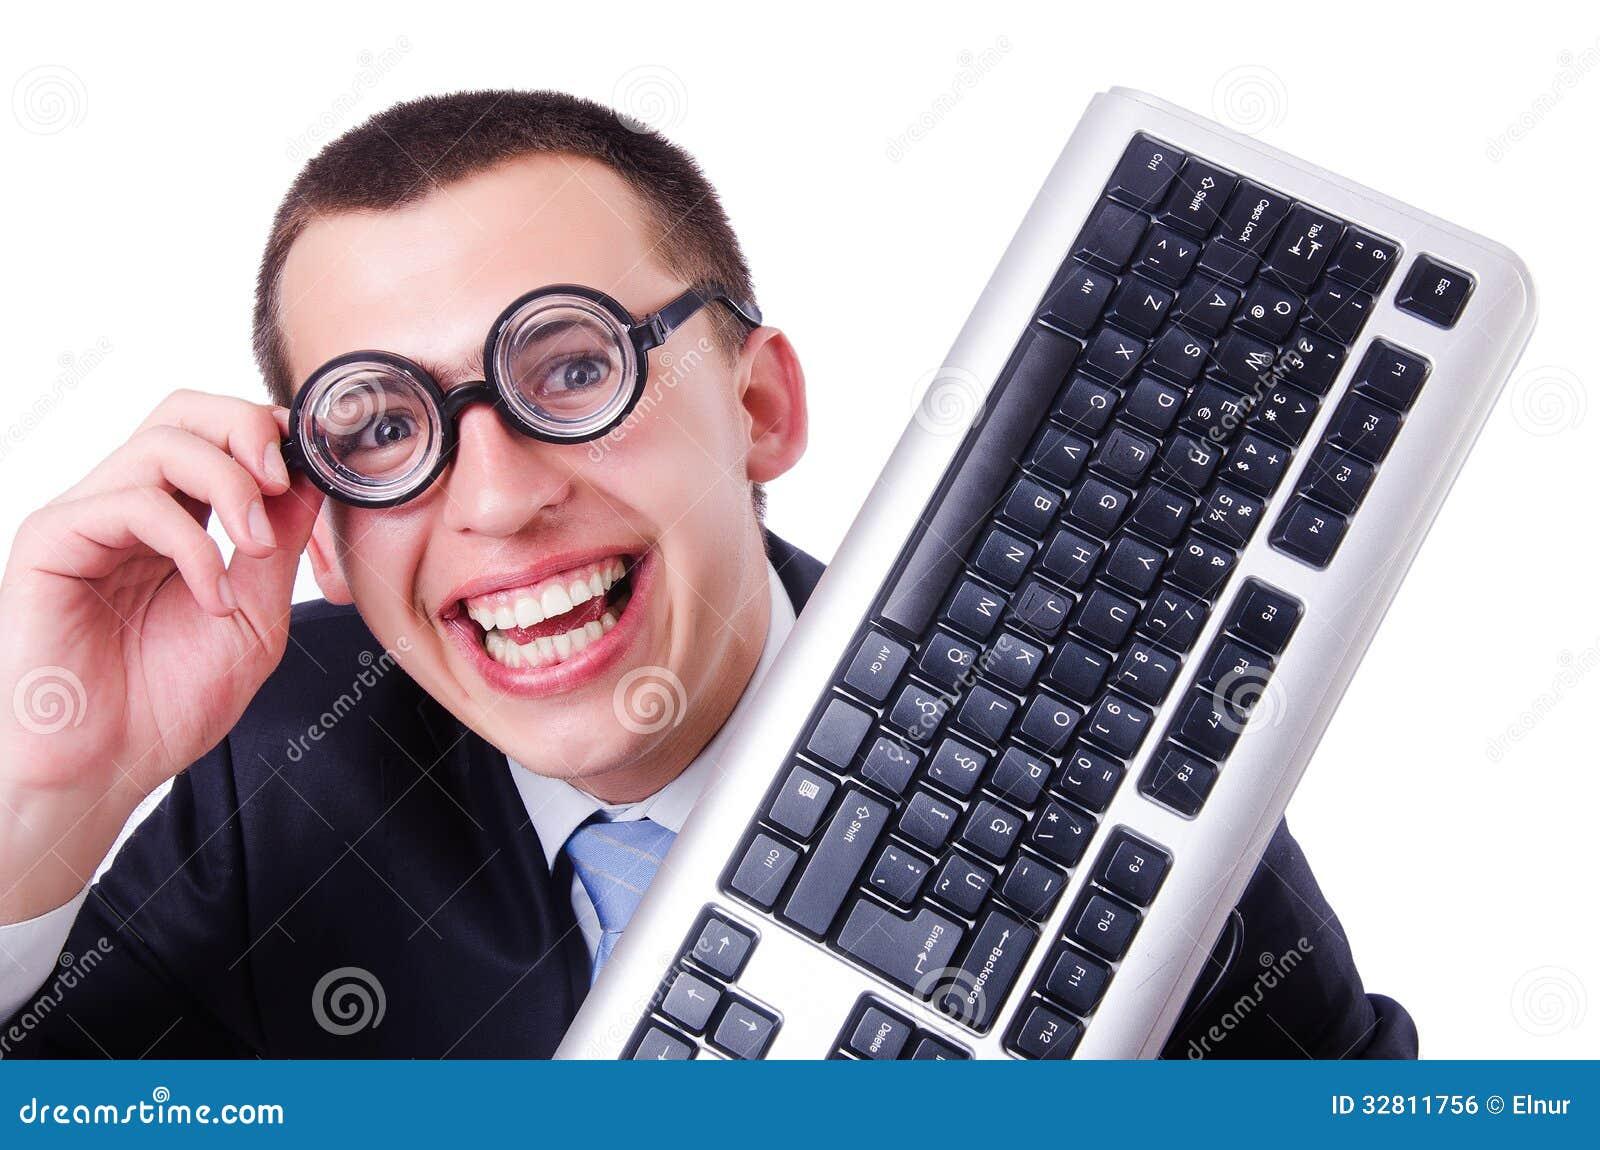 Computer Geek Nerd Royalty Free Stock Image - Image: 32811756